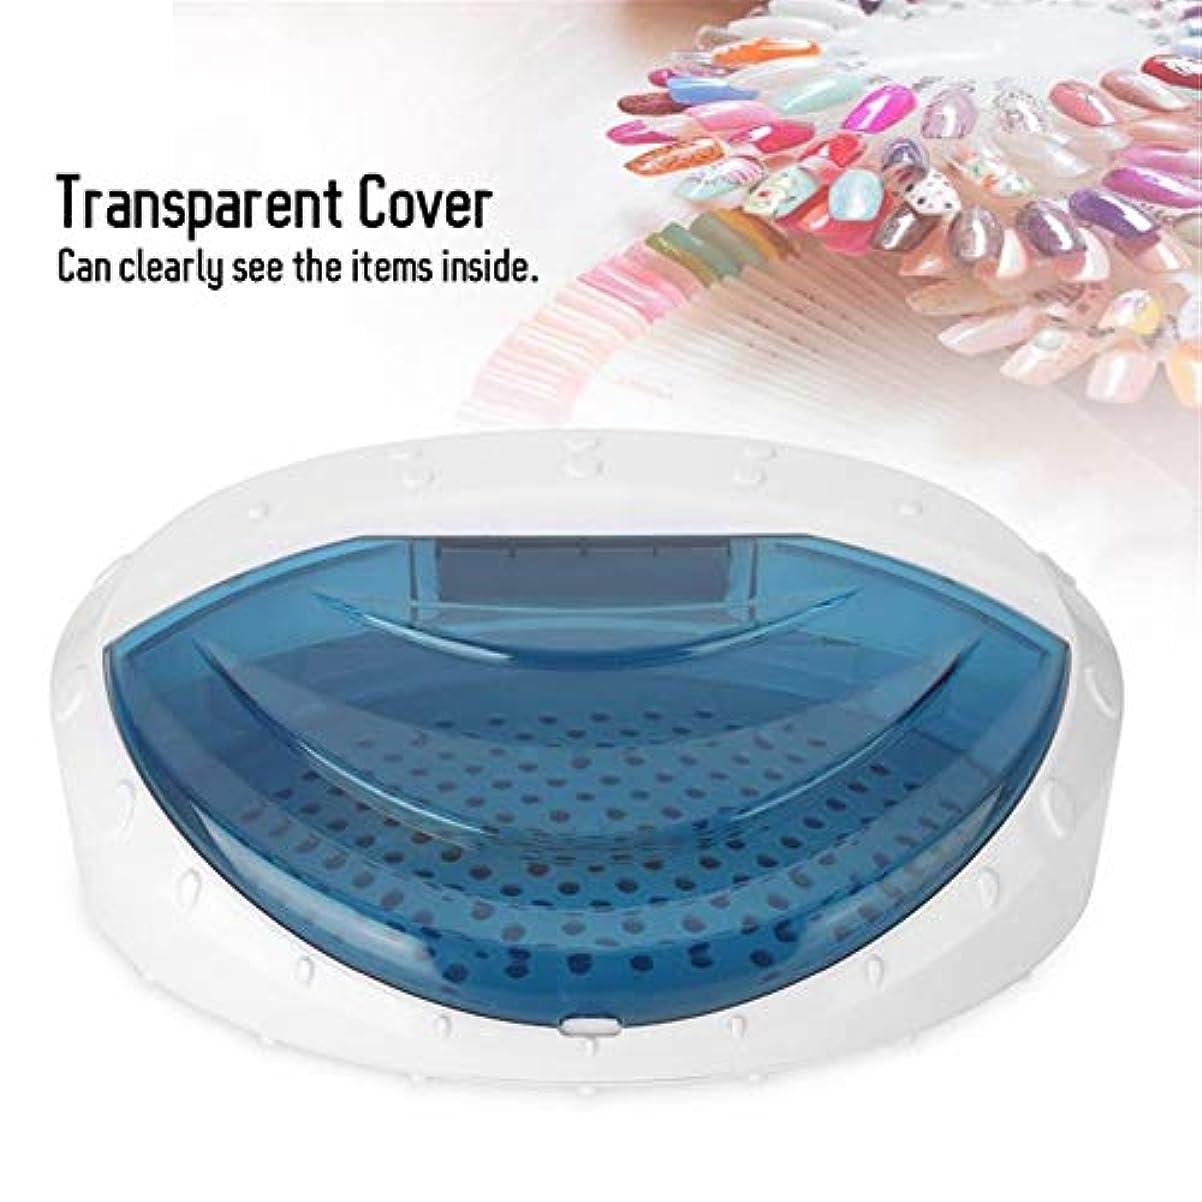 教え静脈書士紫外線滅菌器ネイルマニキュアツール消毒キャビネットボックスタオル滅菌器機器